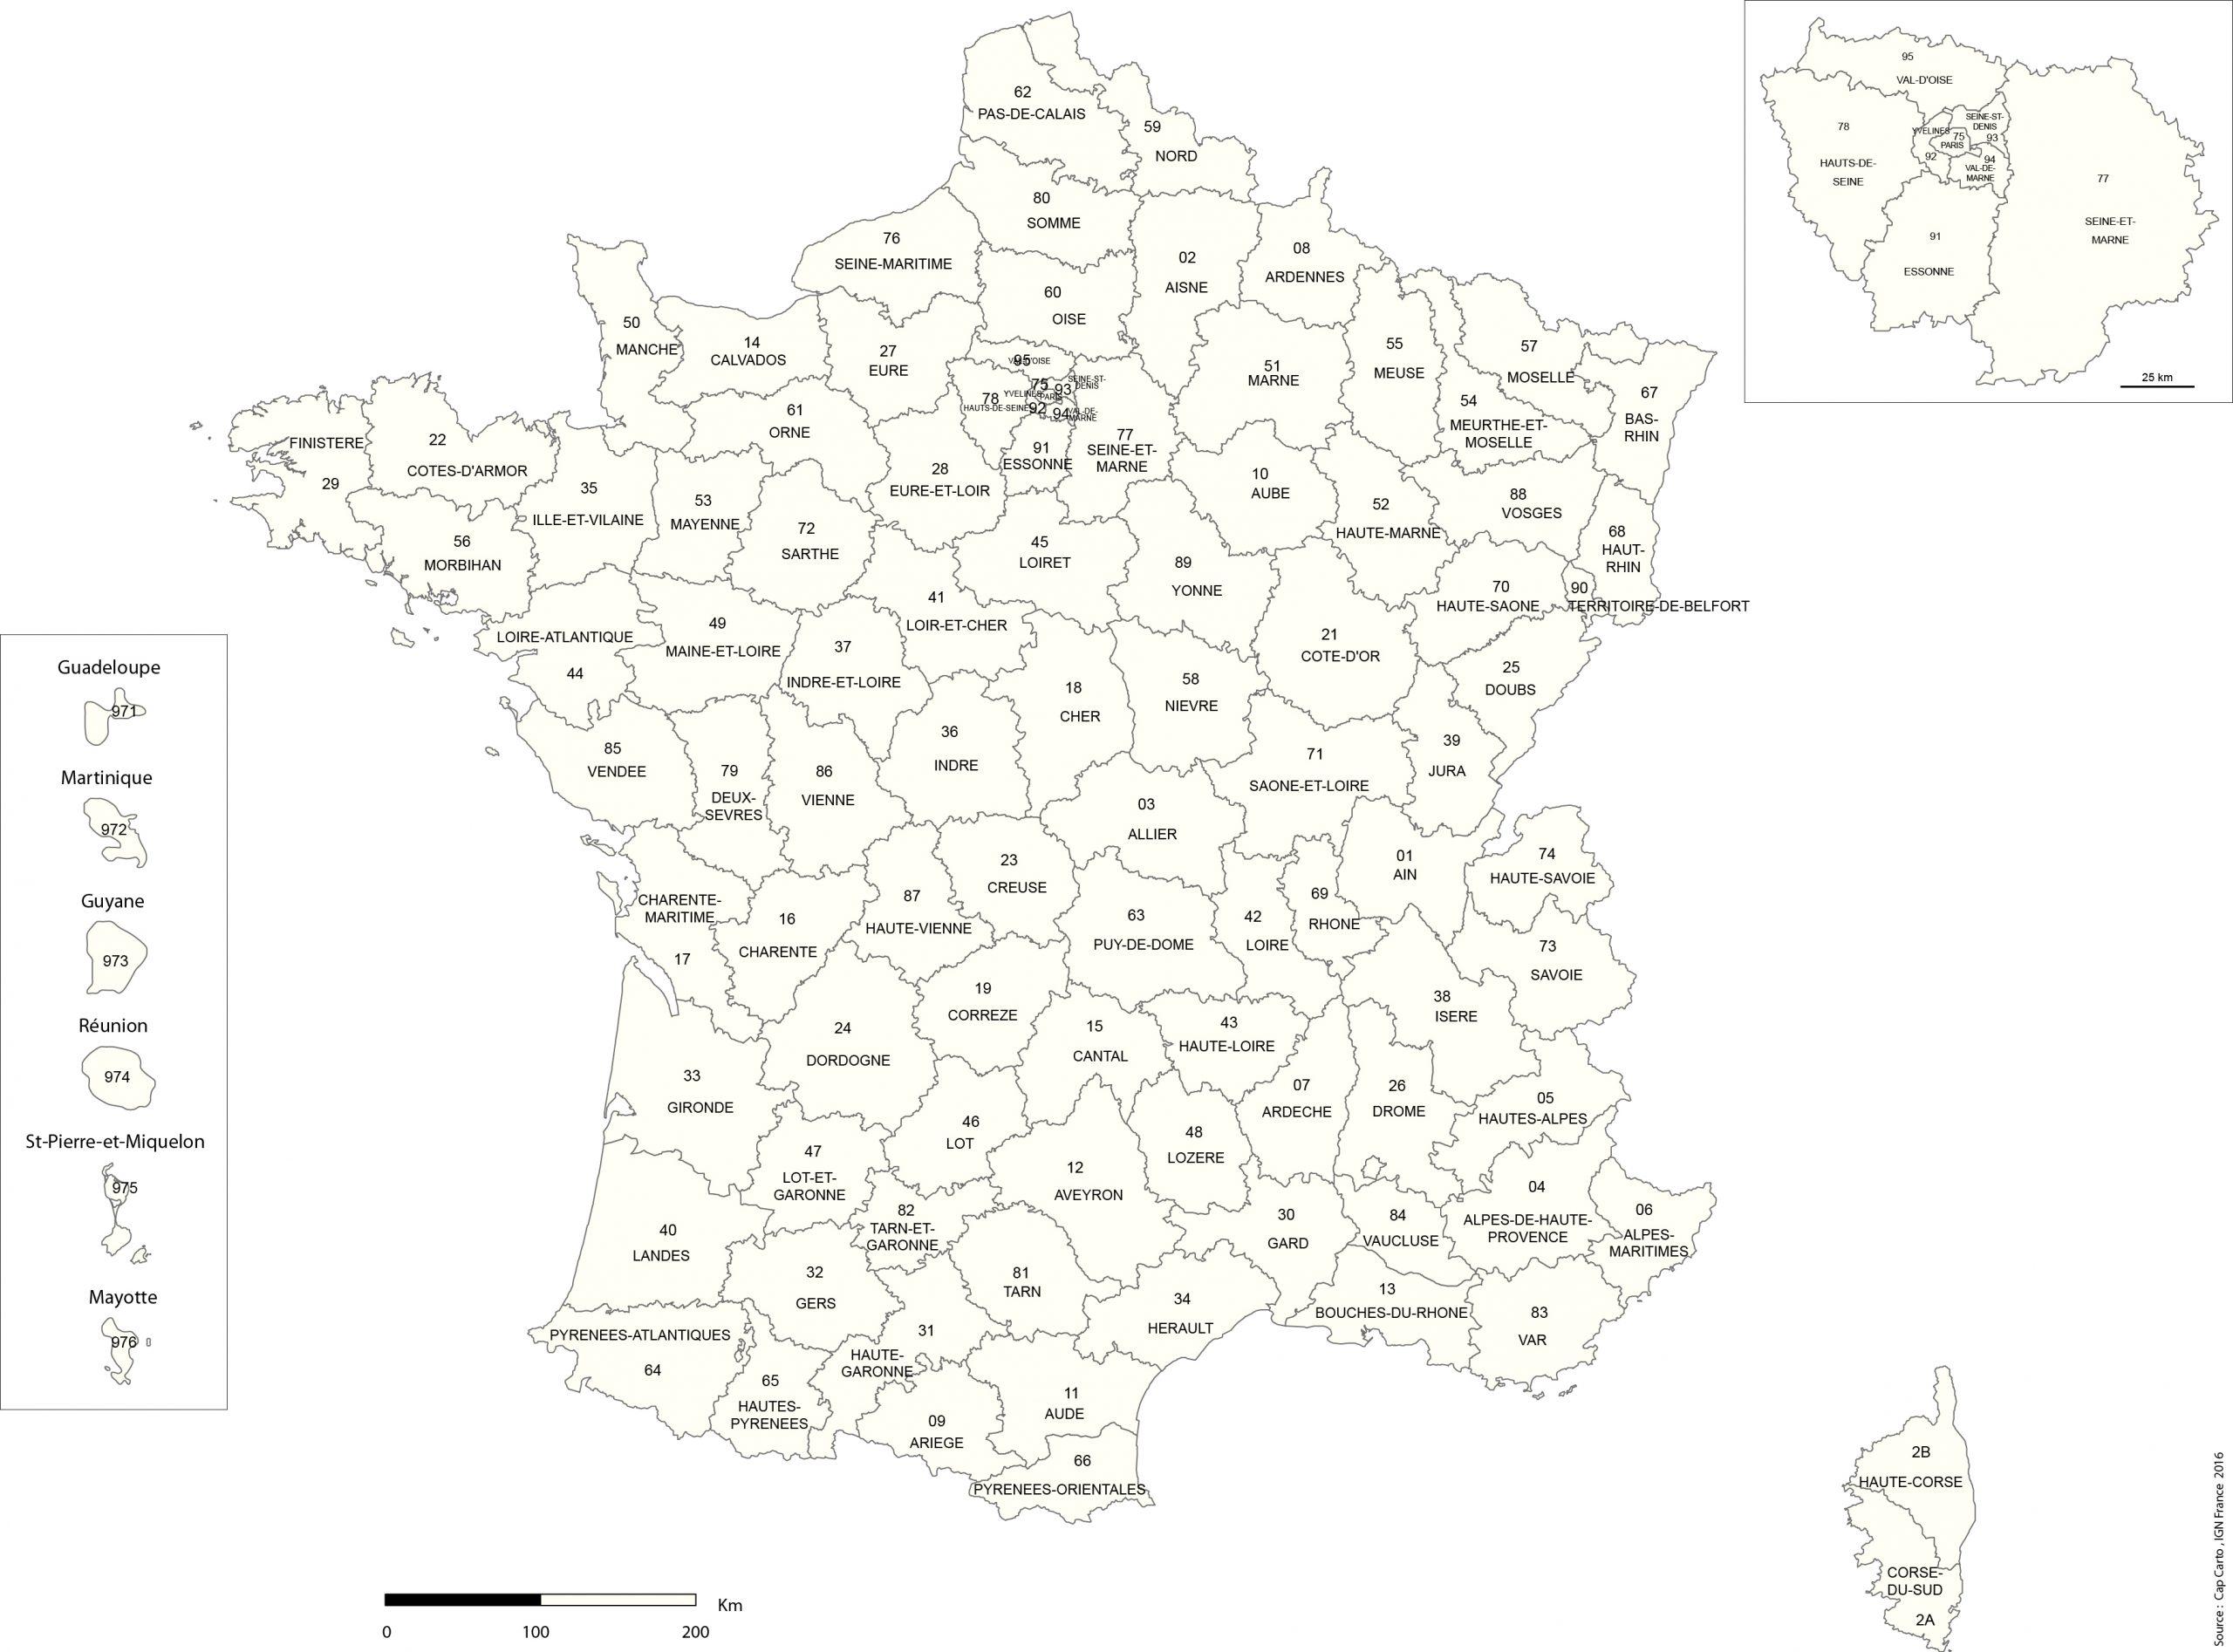 France-Departement-Numero-Noms-Reg-Echelle-Vierge - Cap Carto dedans Numéro Des Départements